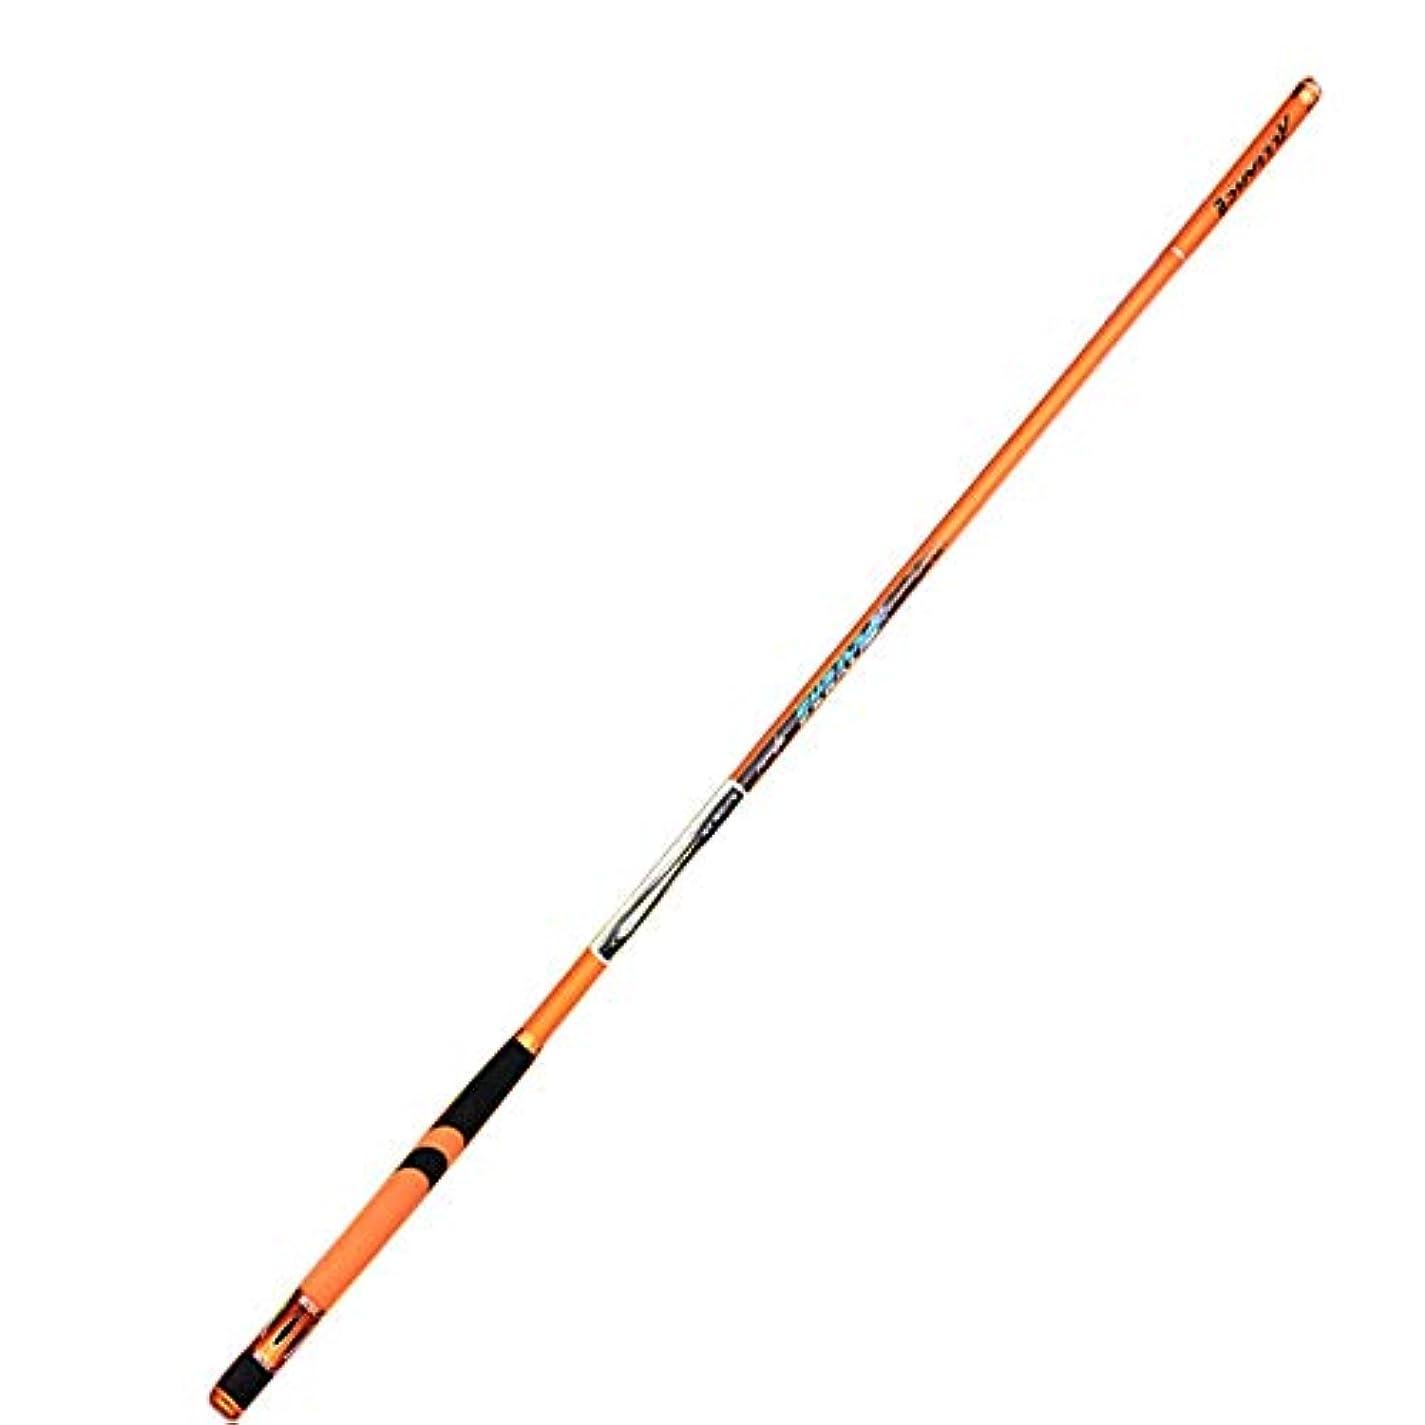 教育者補足取り替えるWazenku 釣り竿スピニングリール釣りスピードベース釣り竿、旅行用軽量軽量高炭素淡水釣りスピニング&キャスティング (色 : オレンジ, サイズ : 4.5M)